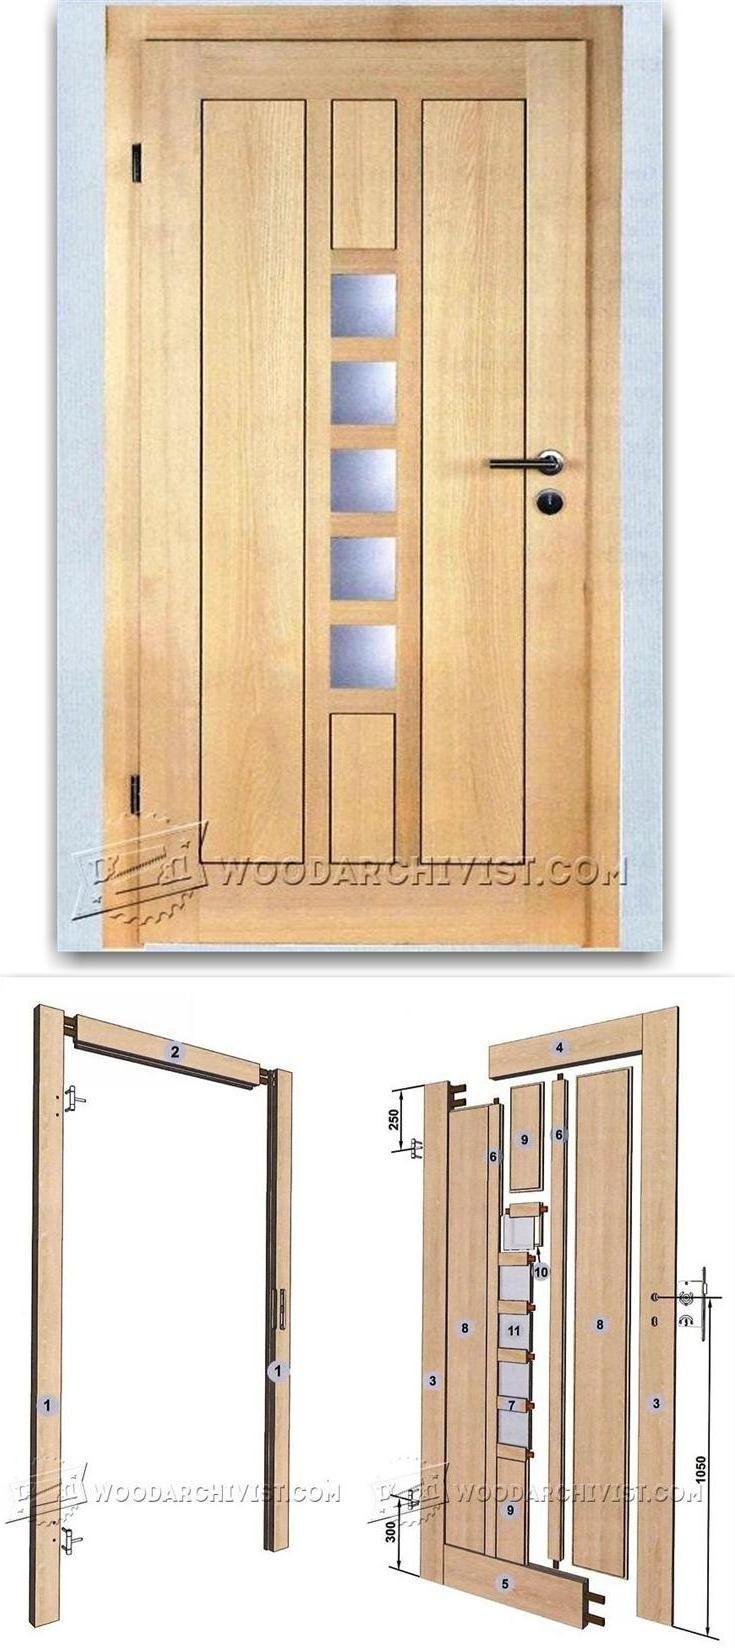 Making A Wooden Door Door Construction And Techniques Woodarchivist Com Wooden Doors Woodworking Projects Woodworking Plans